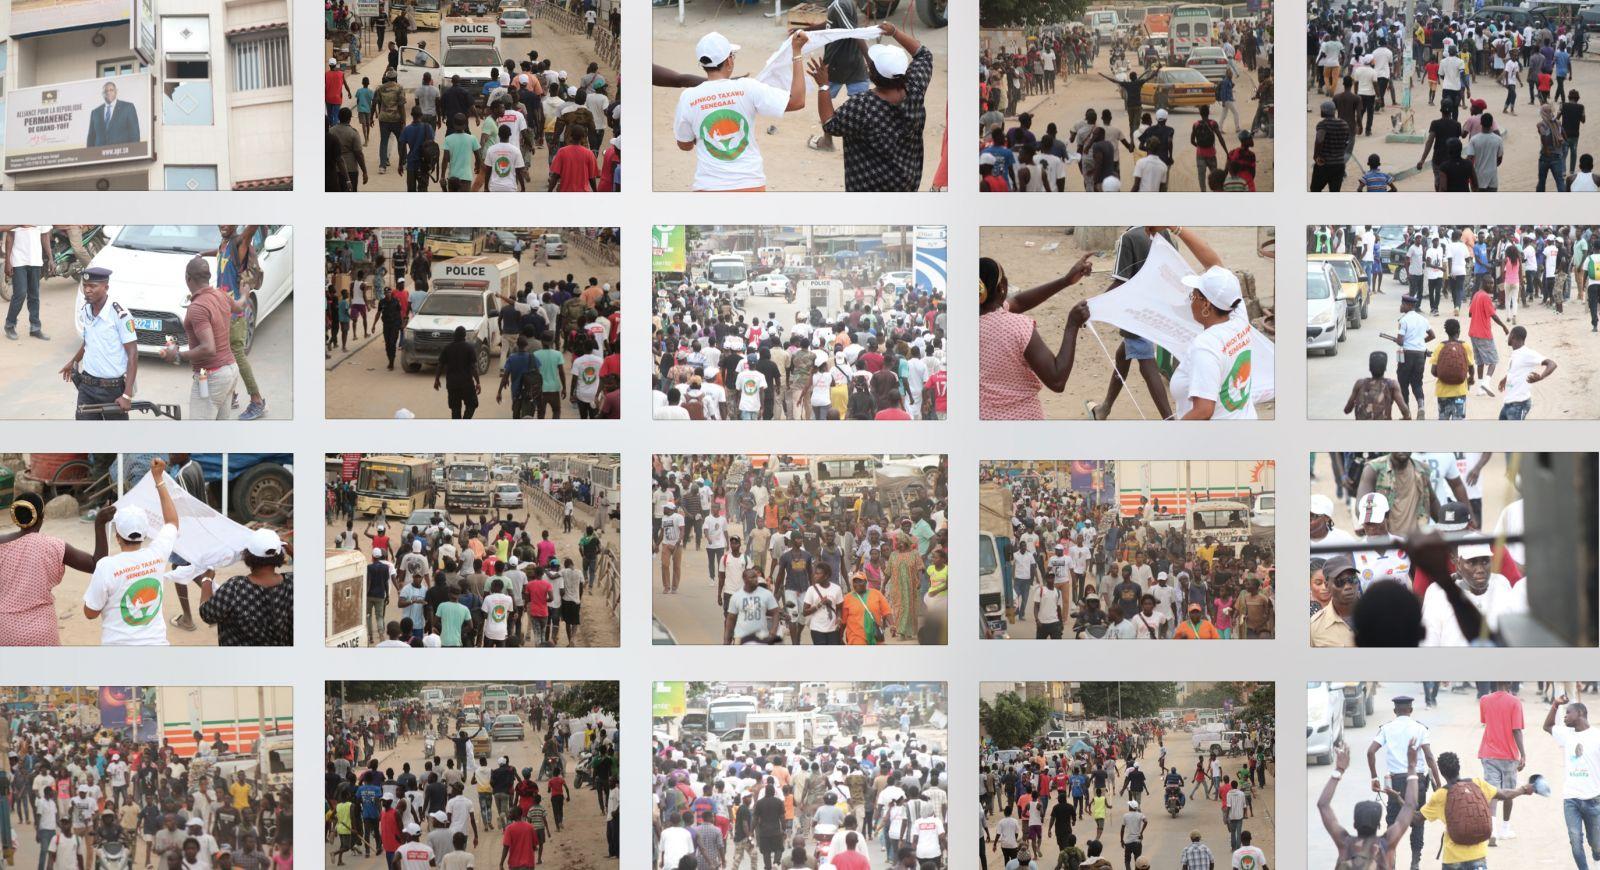 Affrontements à Grand-Yoff: Cheikh Bakhoum de BBY brandit une plainte